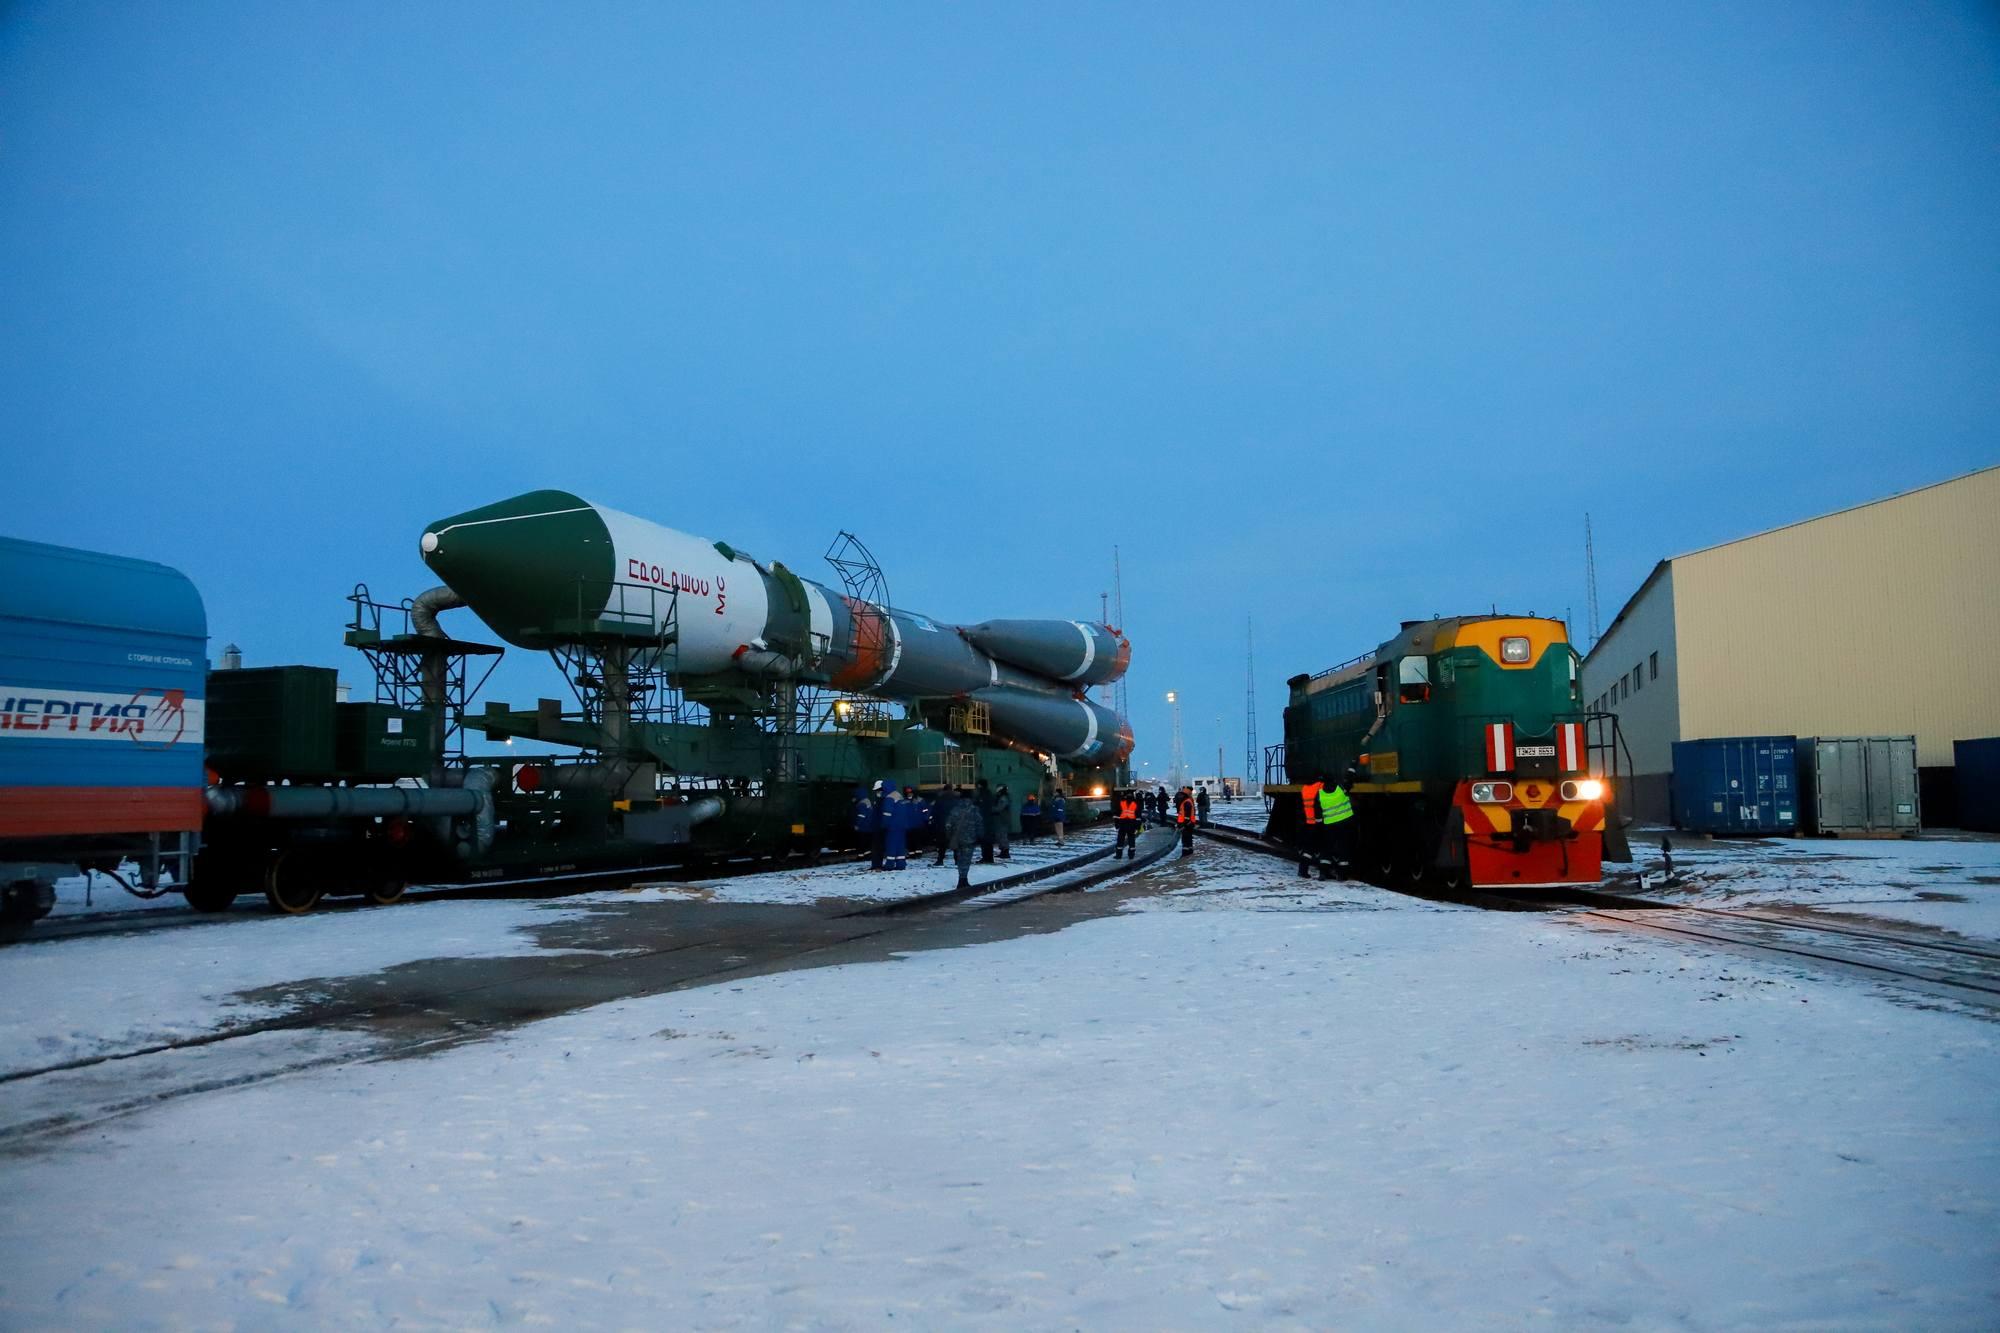 Le convoi est tiré par une première locomotive, une seconde attend pour suivre le convoi.